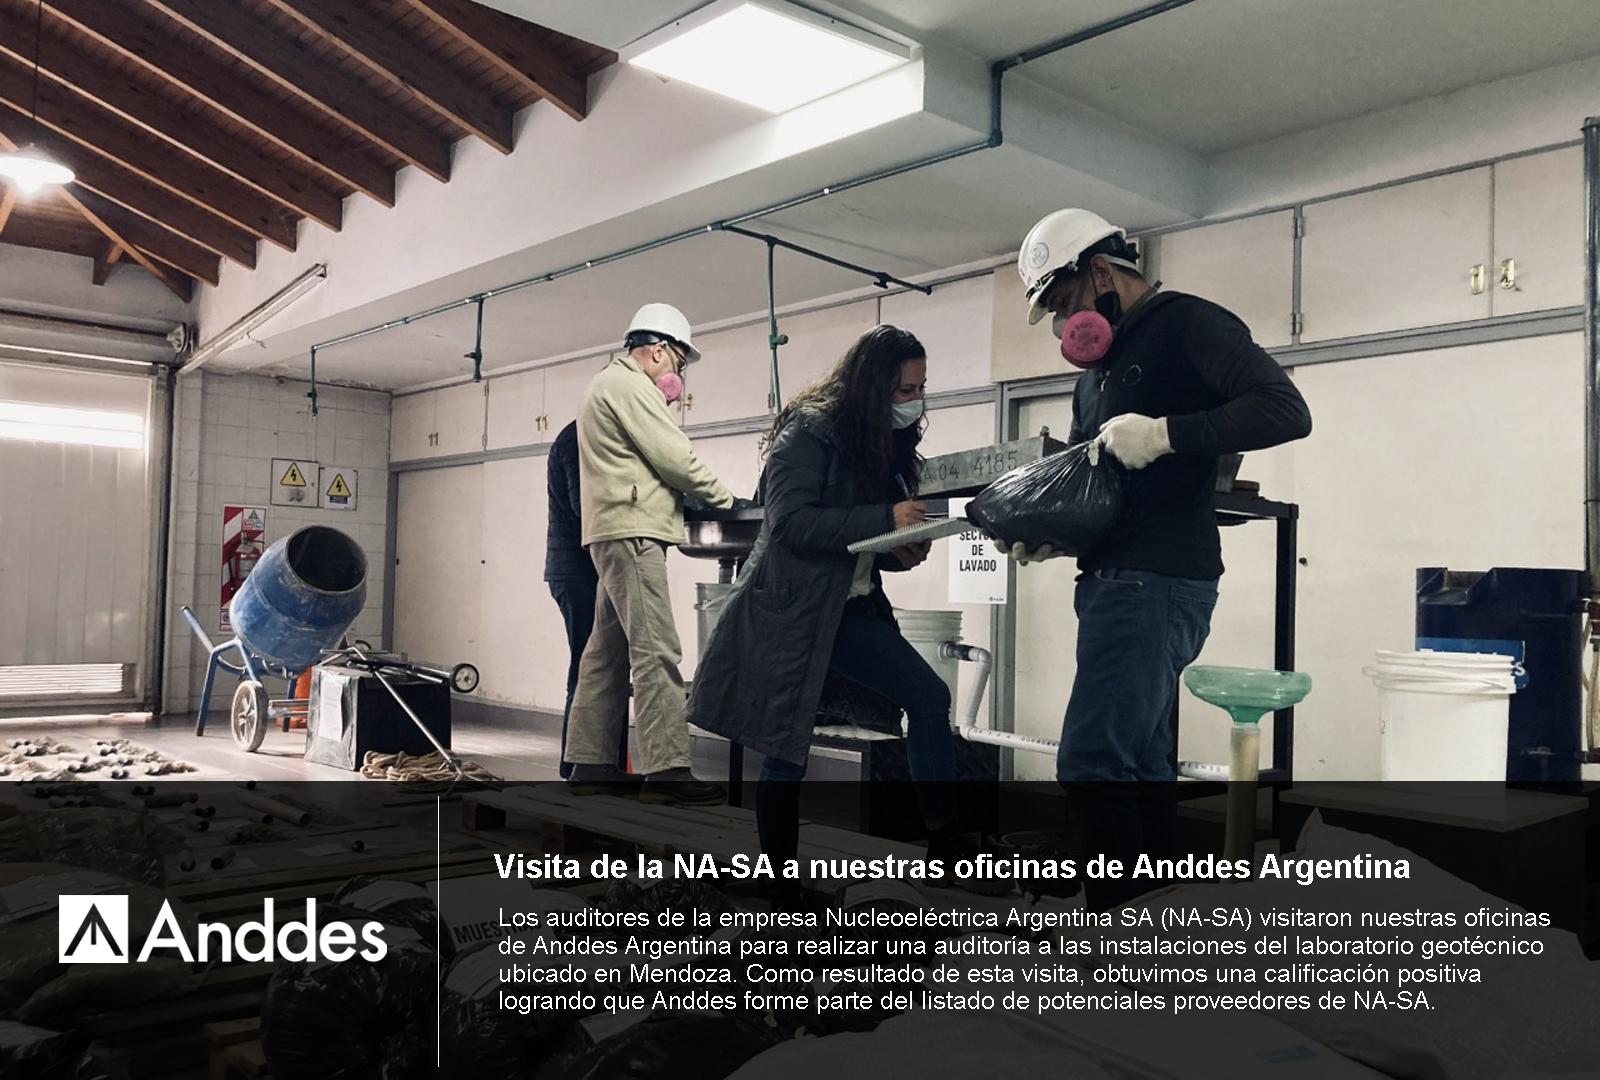 Visita de la NA-SA a nuestras oficinas de Anddes Argentina